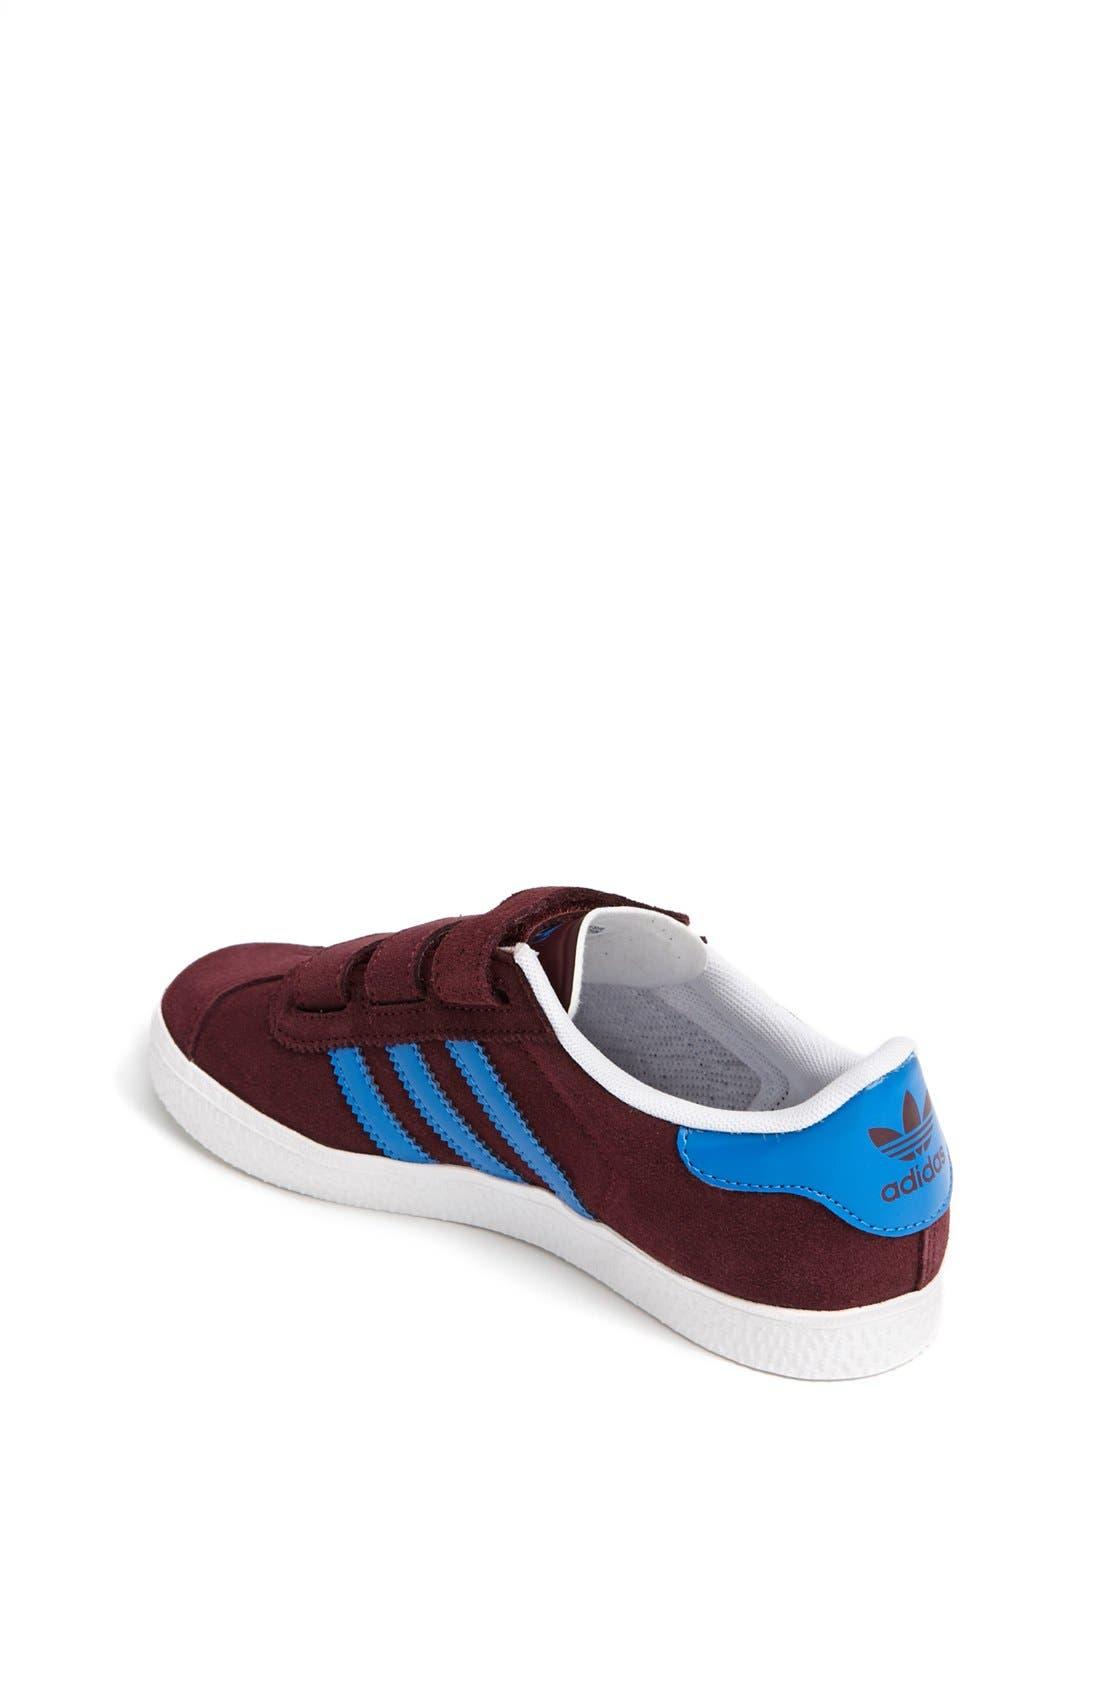 Alternate Image 2  - adidas 'Gazelle 2' Sneaker (Toddler & Little Kid)